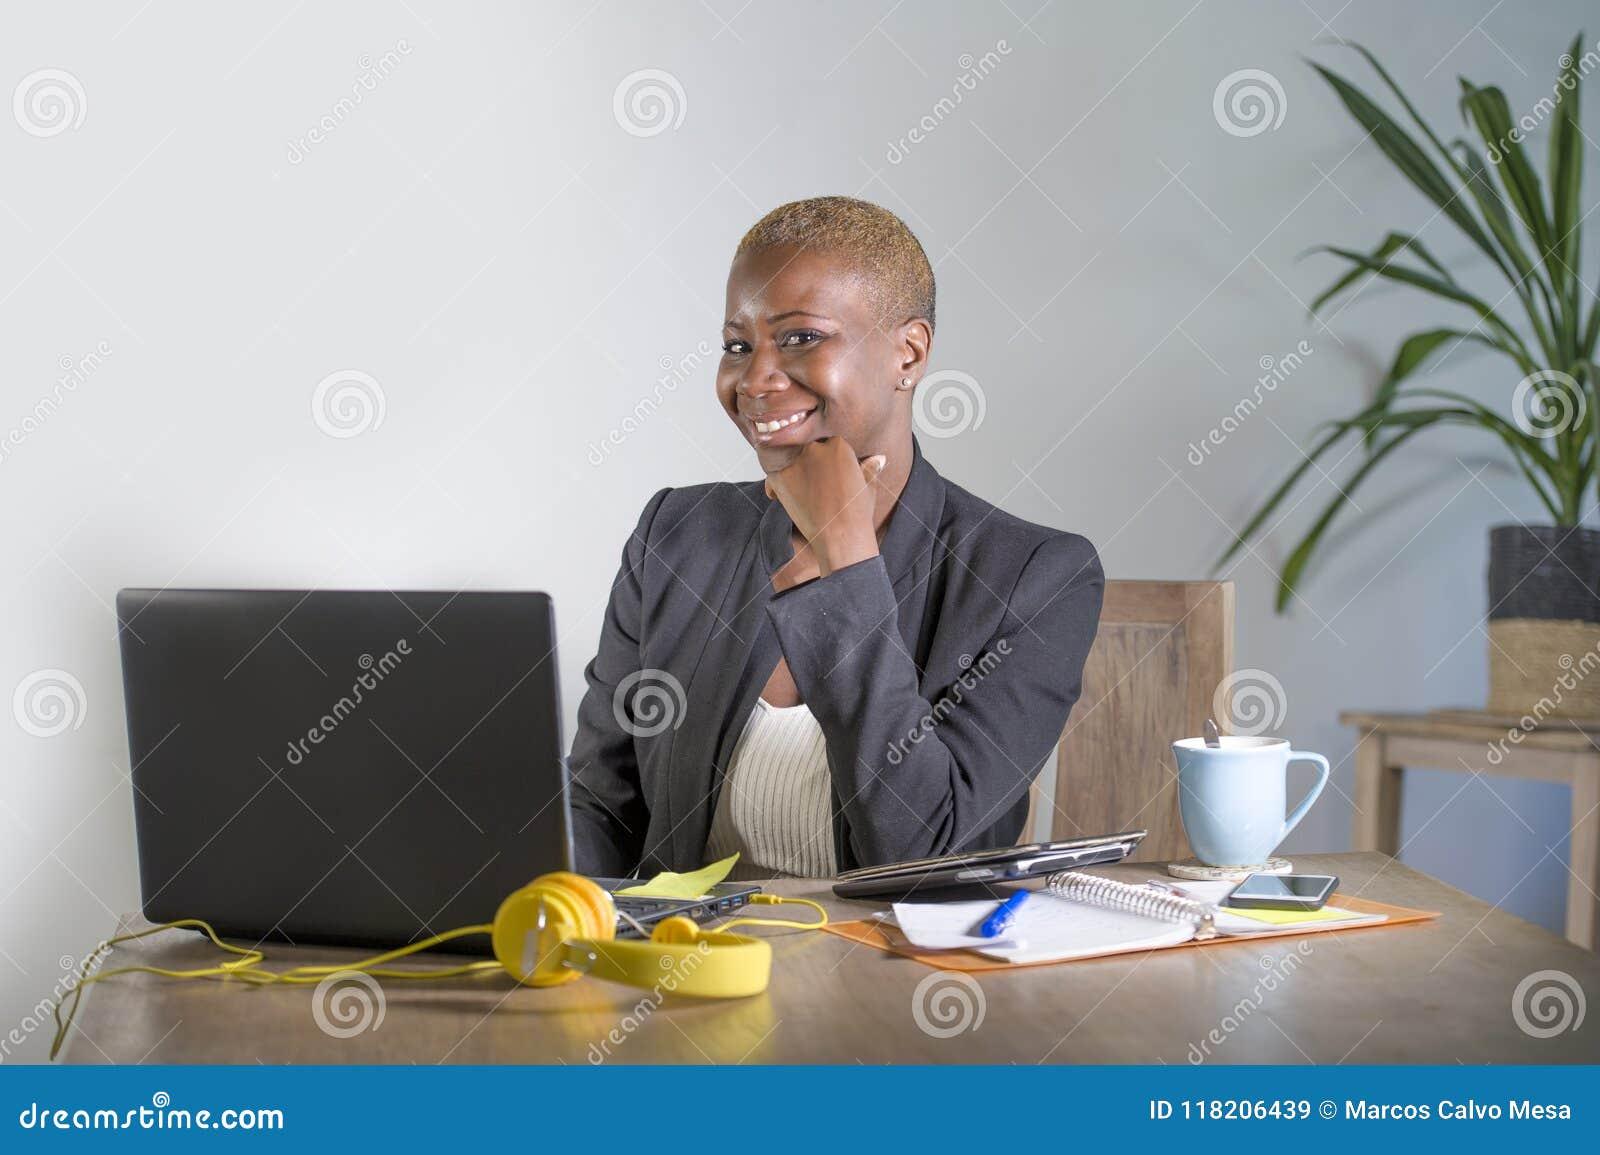 Retrato corporativo de la mujer de negocios afroamericana negra feliz y acertada joven que trabaja en el havi alegre sonriente de